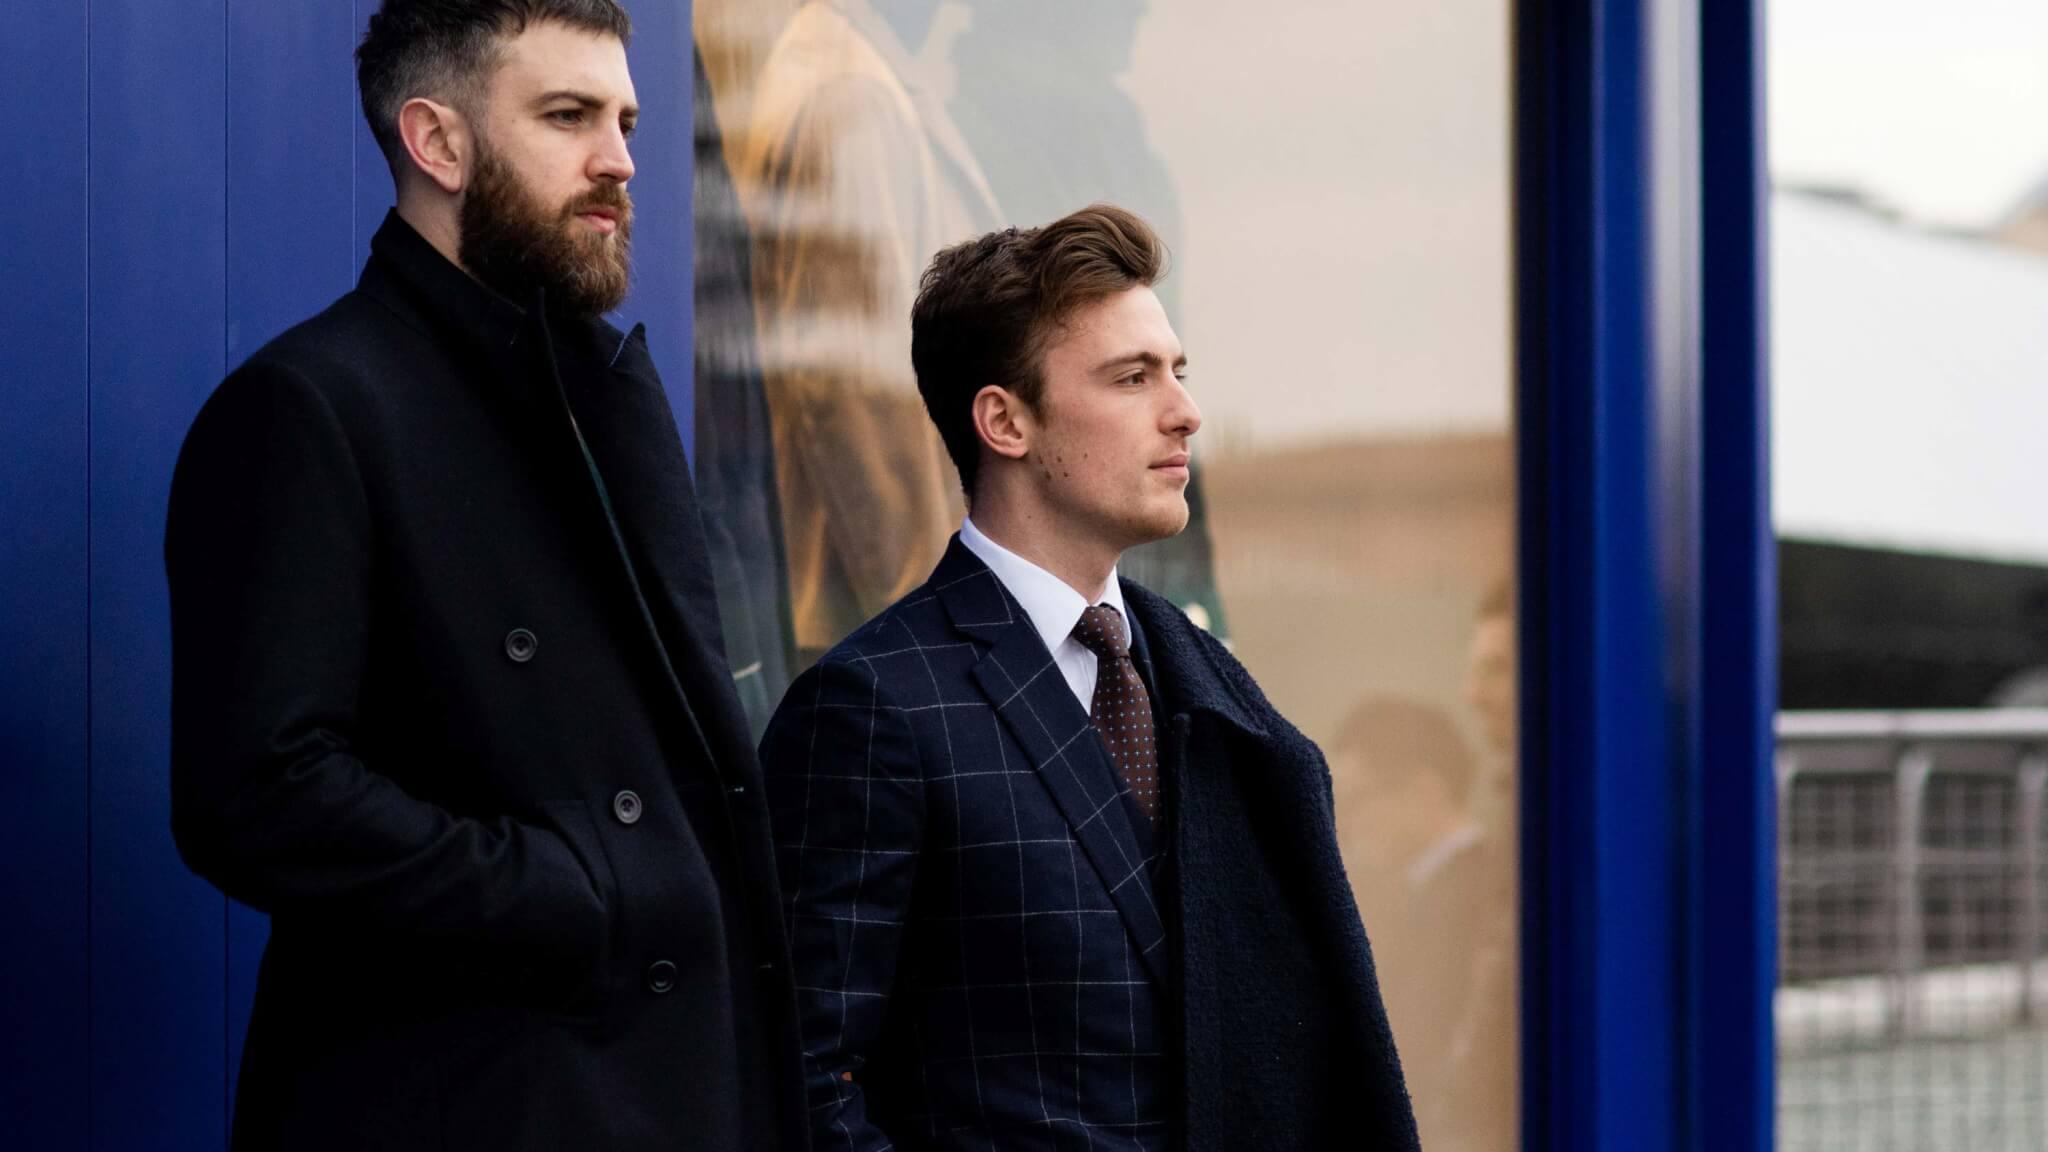 Bespoke Overcoats Savile Row